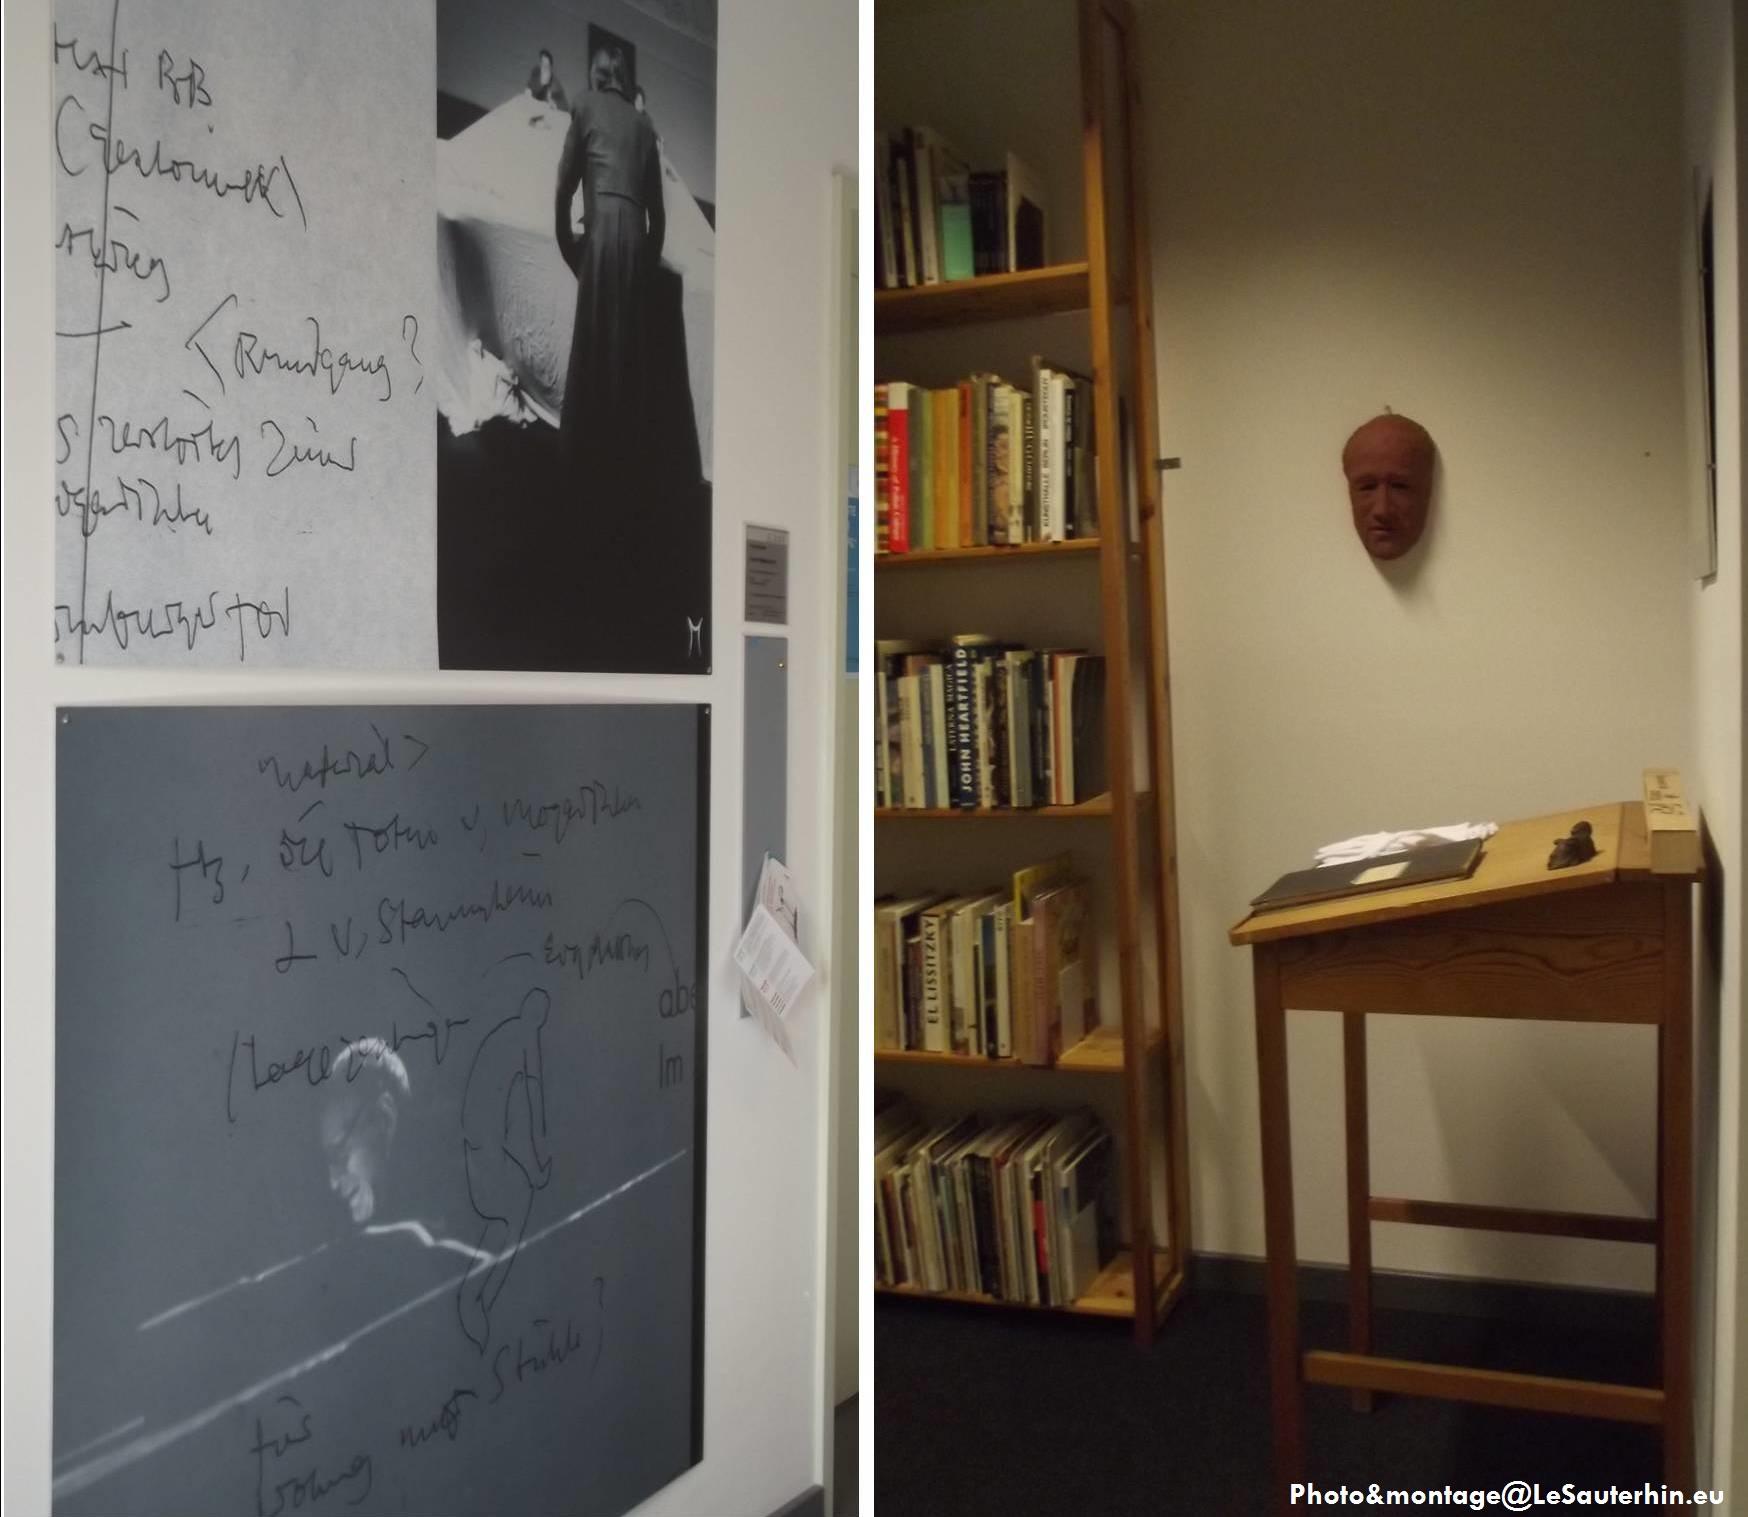 Extérieur/Intérieur de l'entrée de la Bibliothèque de Heiner Müller à l'Université Humbold de Berlin